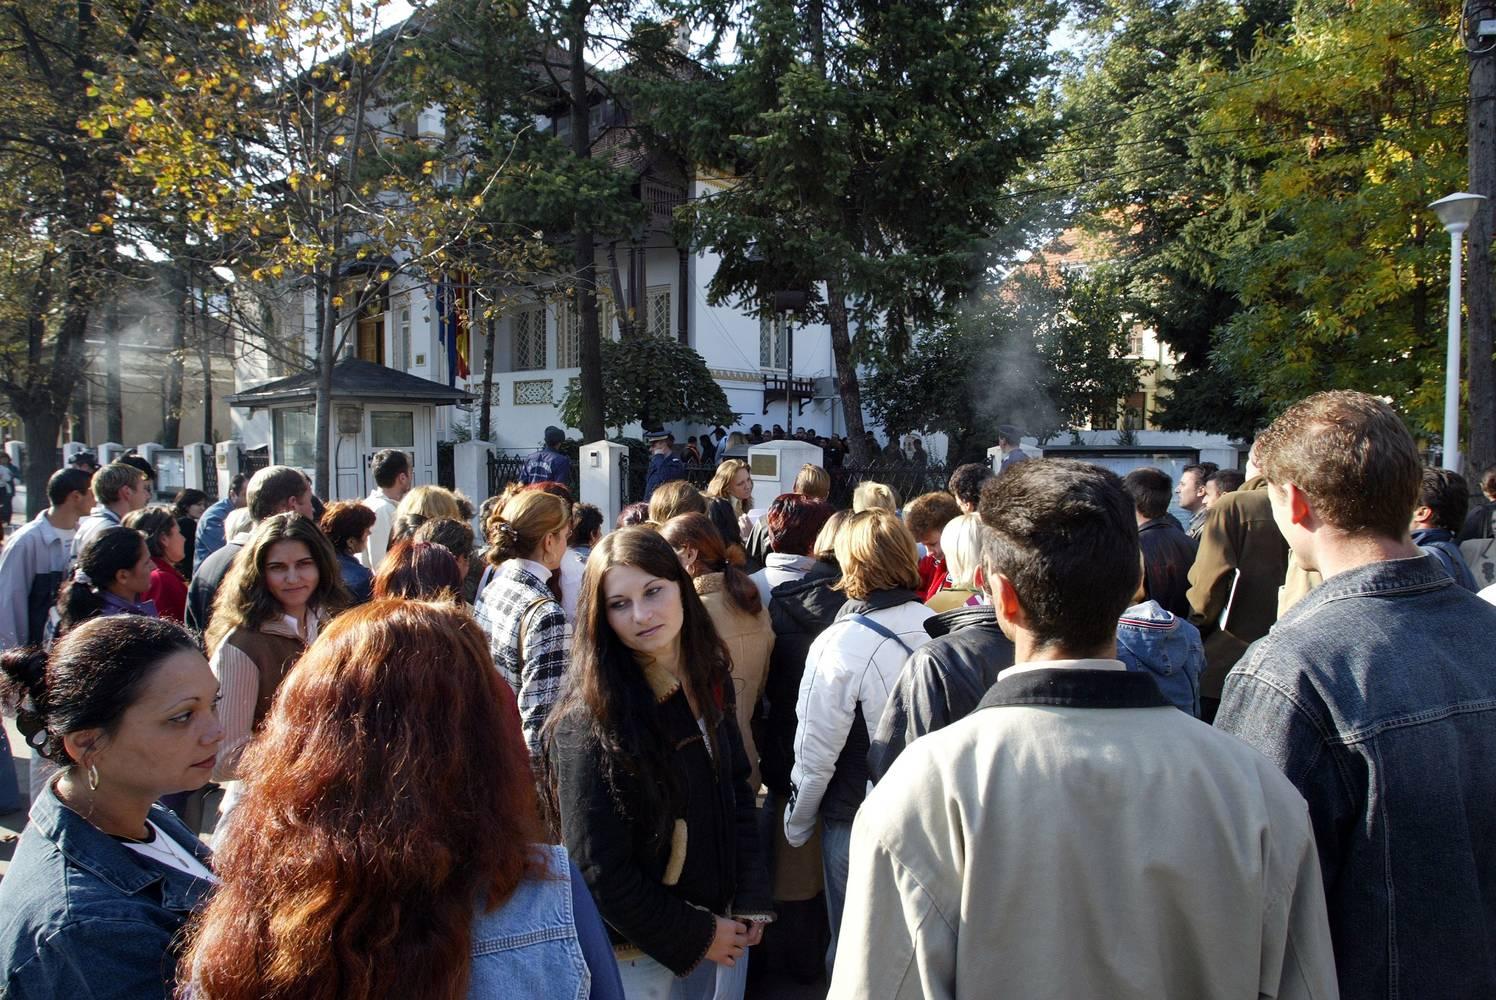 RECENSAMANT 2011: Populatia Romaniei a scazut la 20.121.641 de persoane! Vezi judetele cu cei mai multi locuitori!